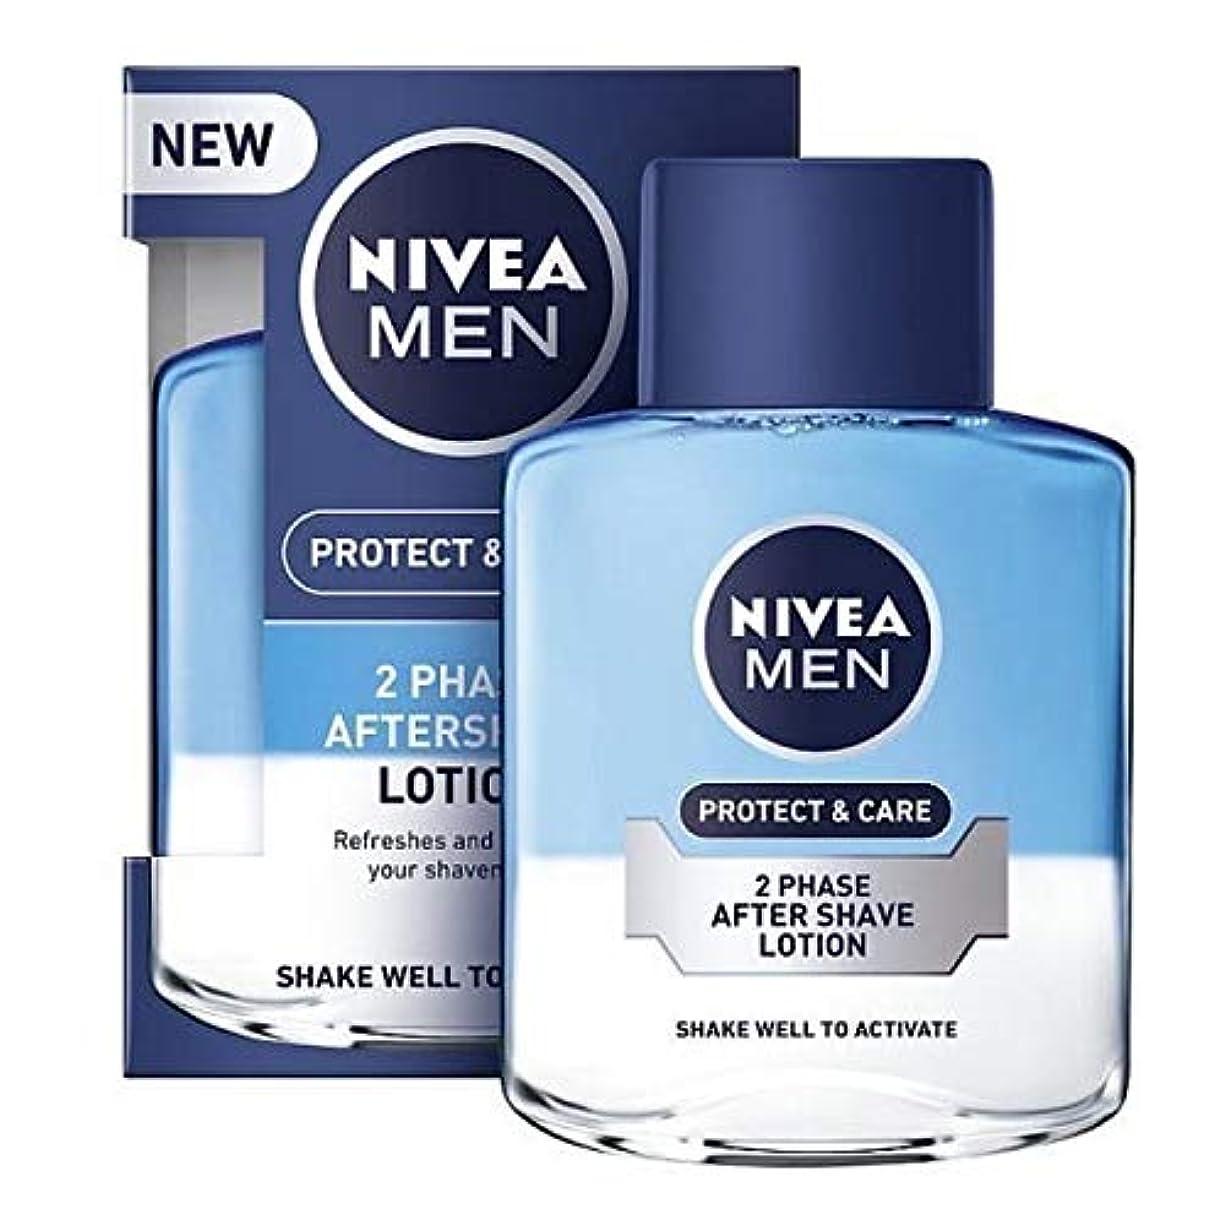 繁栄する瞑想魅力的であることへのアピール[Nivea ] ニベアの男性2相アフターシェーブローション保護&ケア、100ミリリットル - NIVEA MEN 2 Phase Aftershave Lotion Protect & Care, 100ml [並行輸入品]